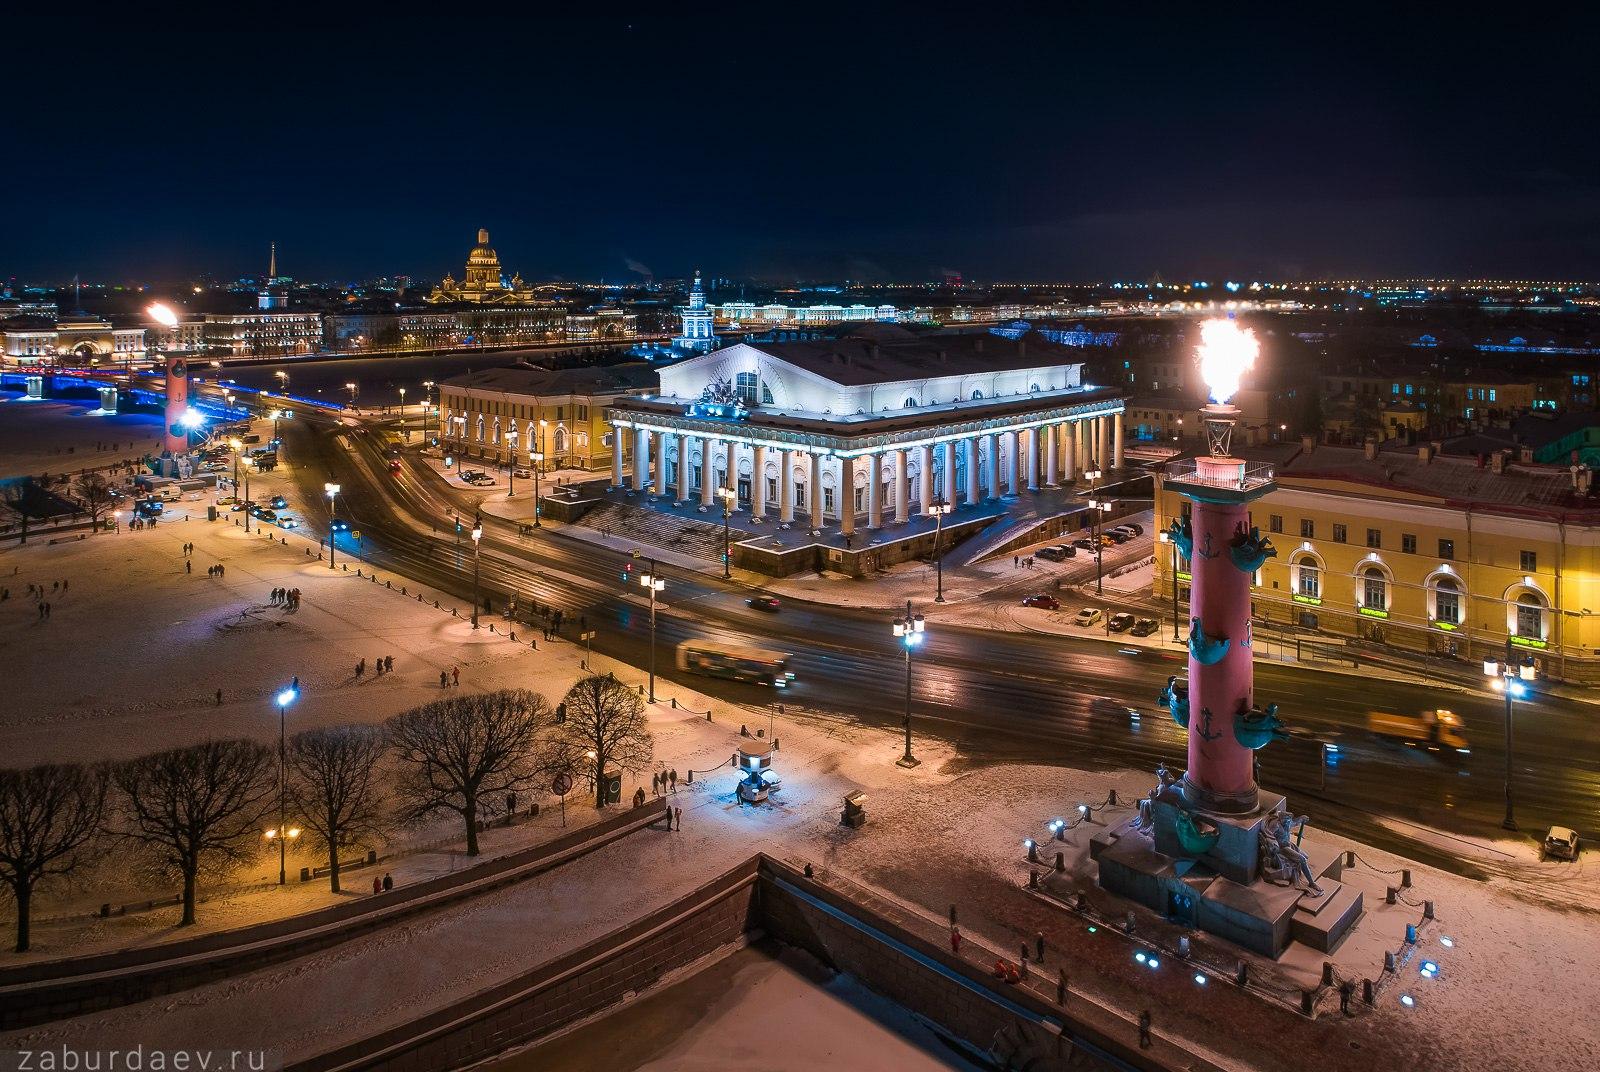 По случаю праздников в Петербурге зажгли огни на Ростральных колоннах